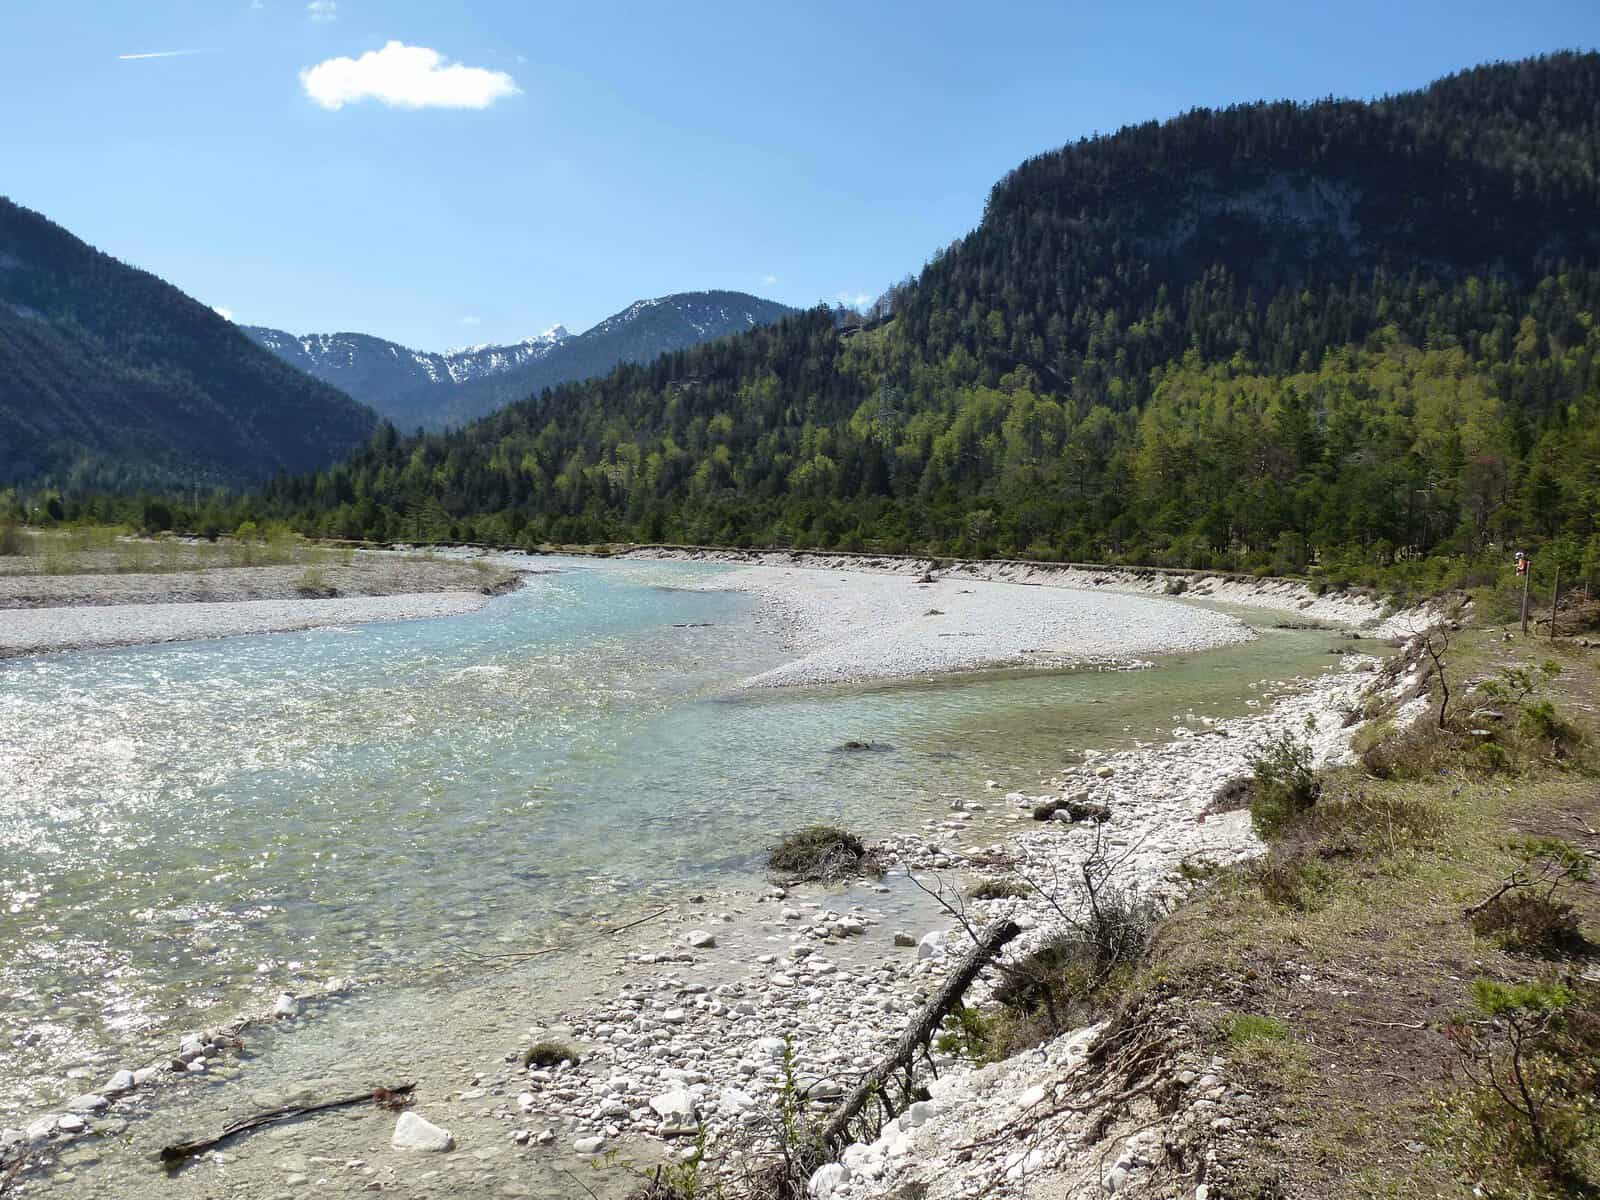 Exkursion: Auf den Spuren des Wildflusses 1